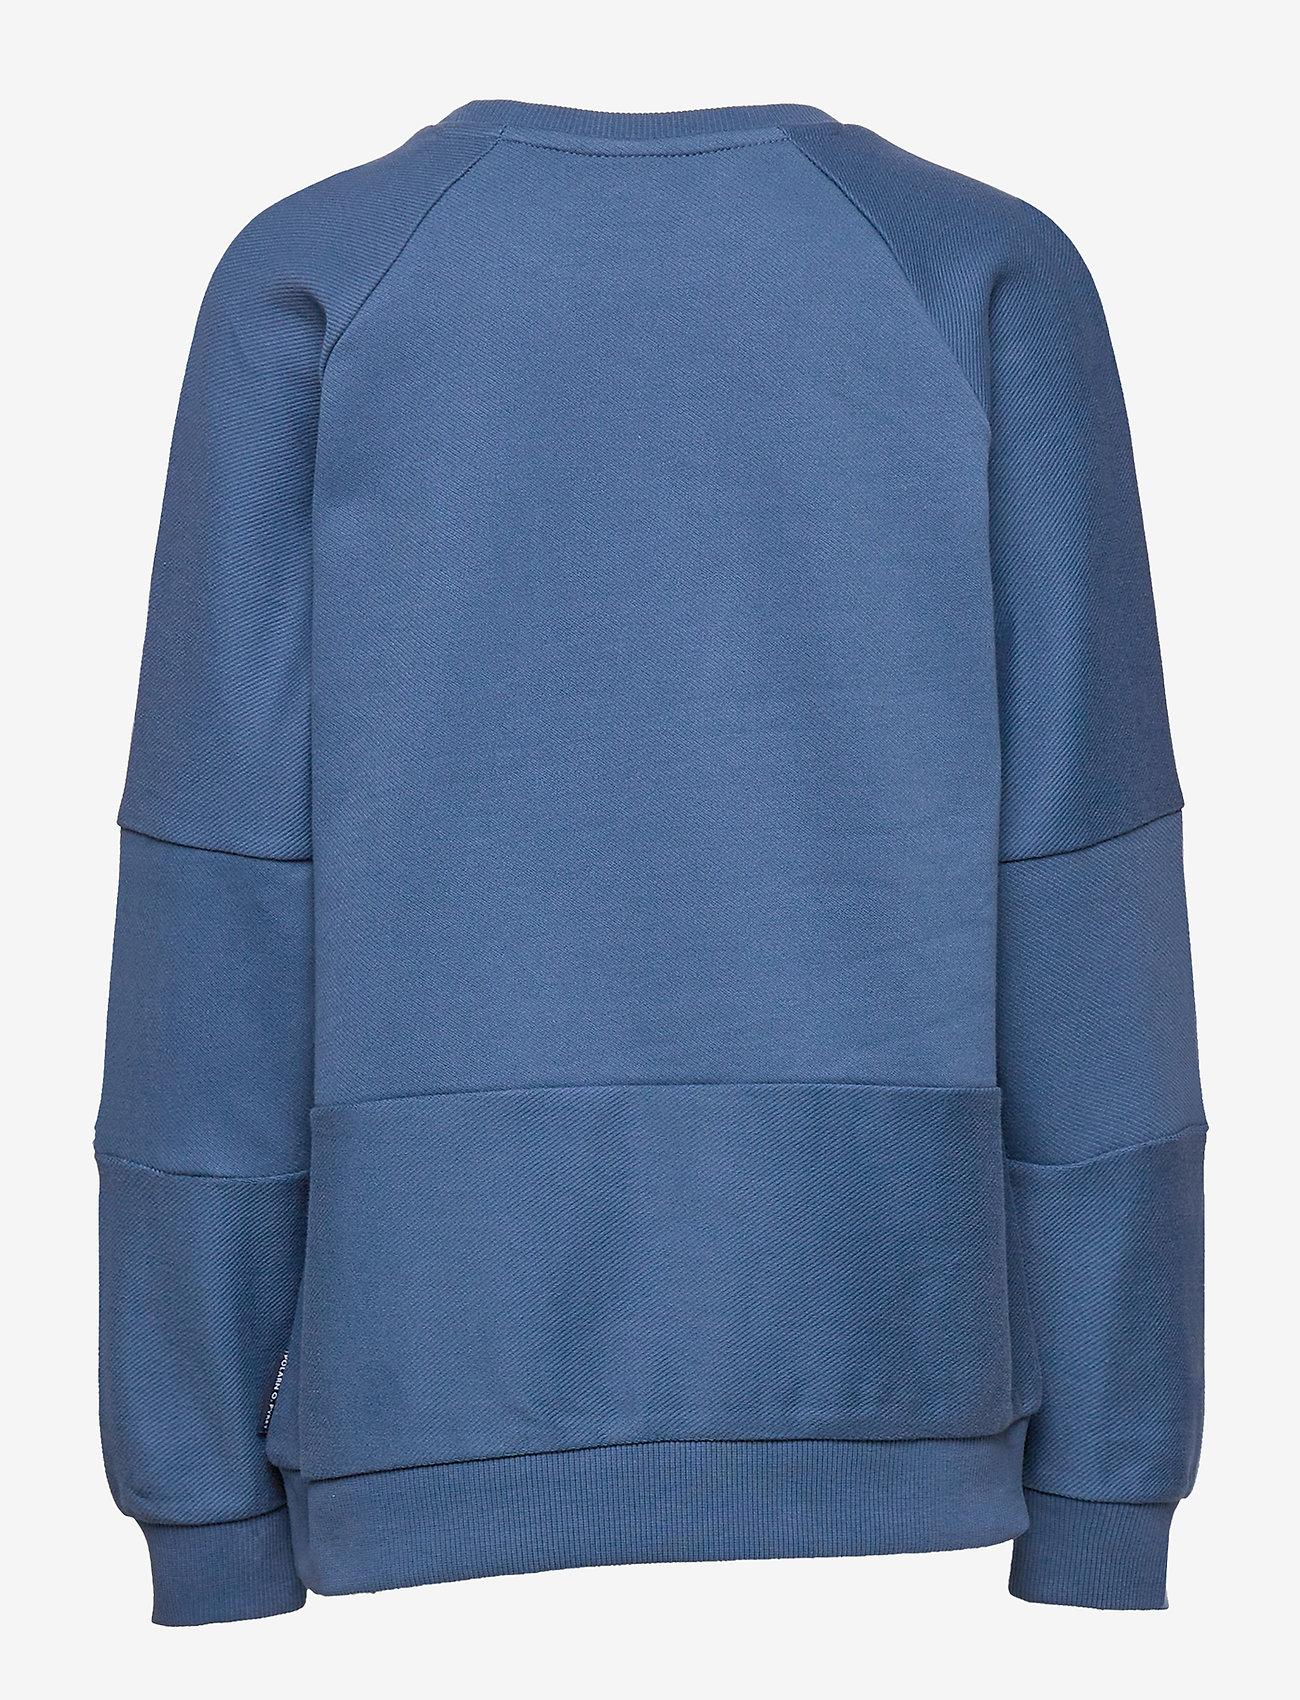 SweatshirtSchool (Ensign Blue) (28.43 €) - Polarn O. Pyret V7UDo